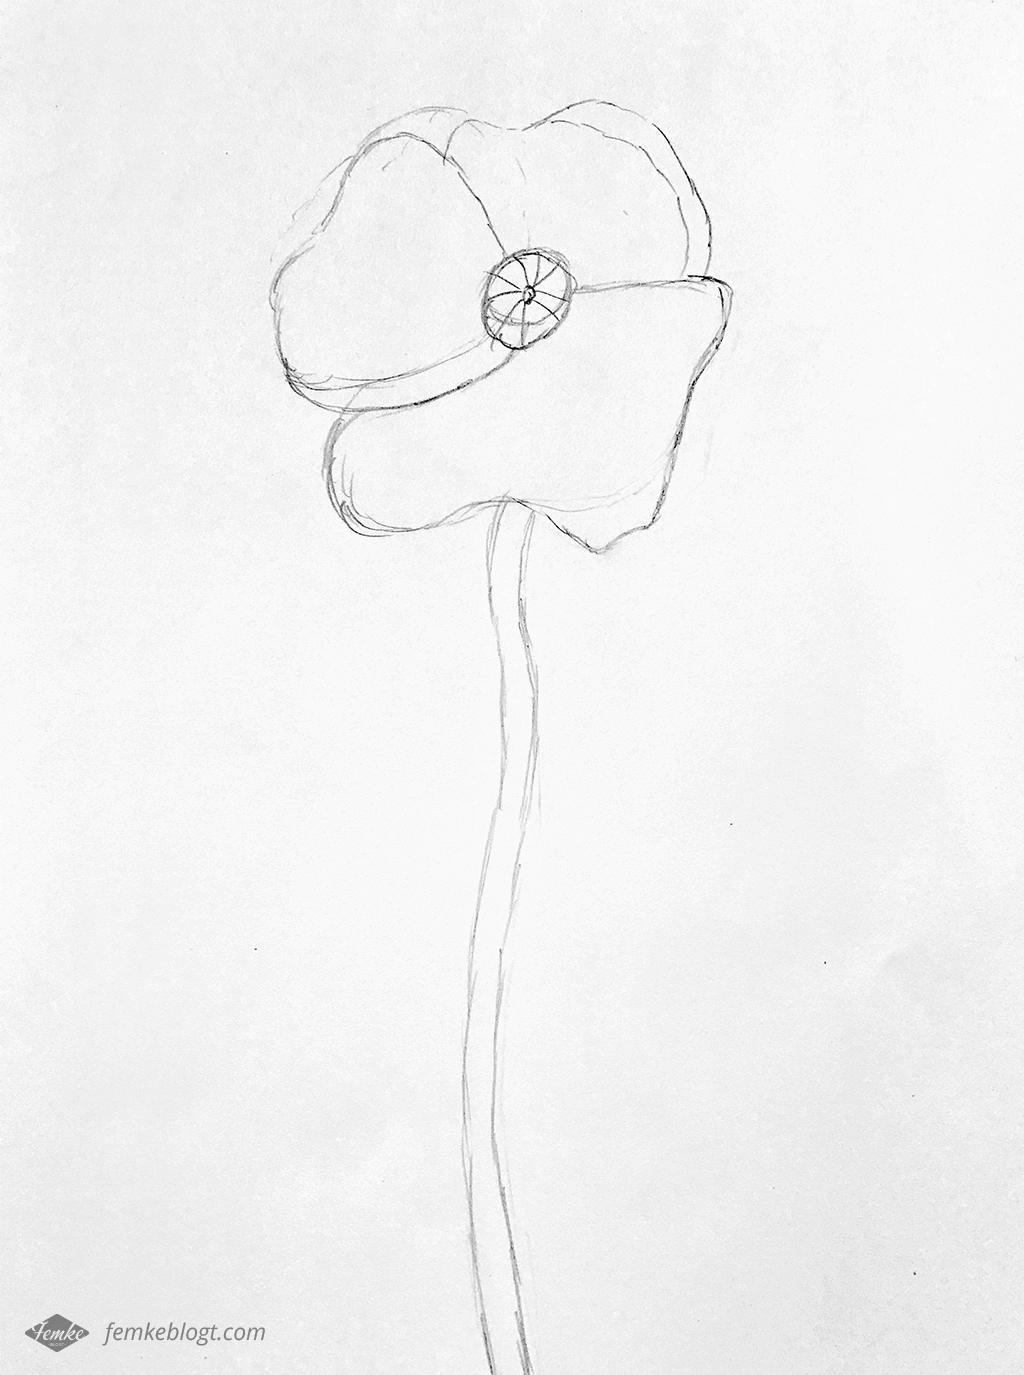 31 Dagen bloemen   Klaproos proces tekening